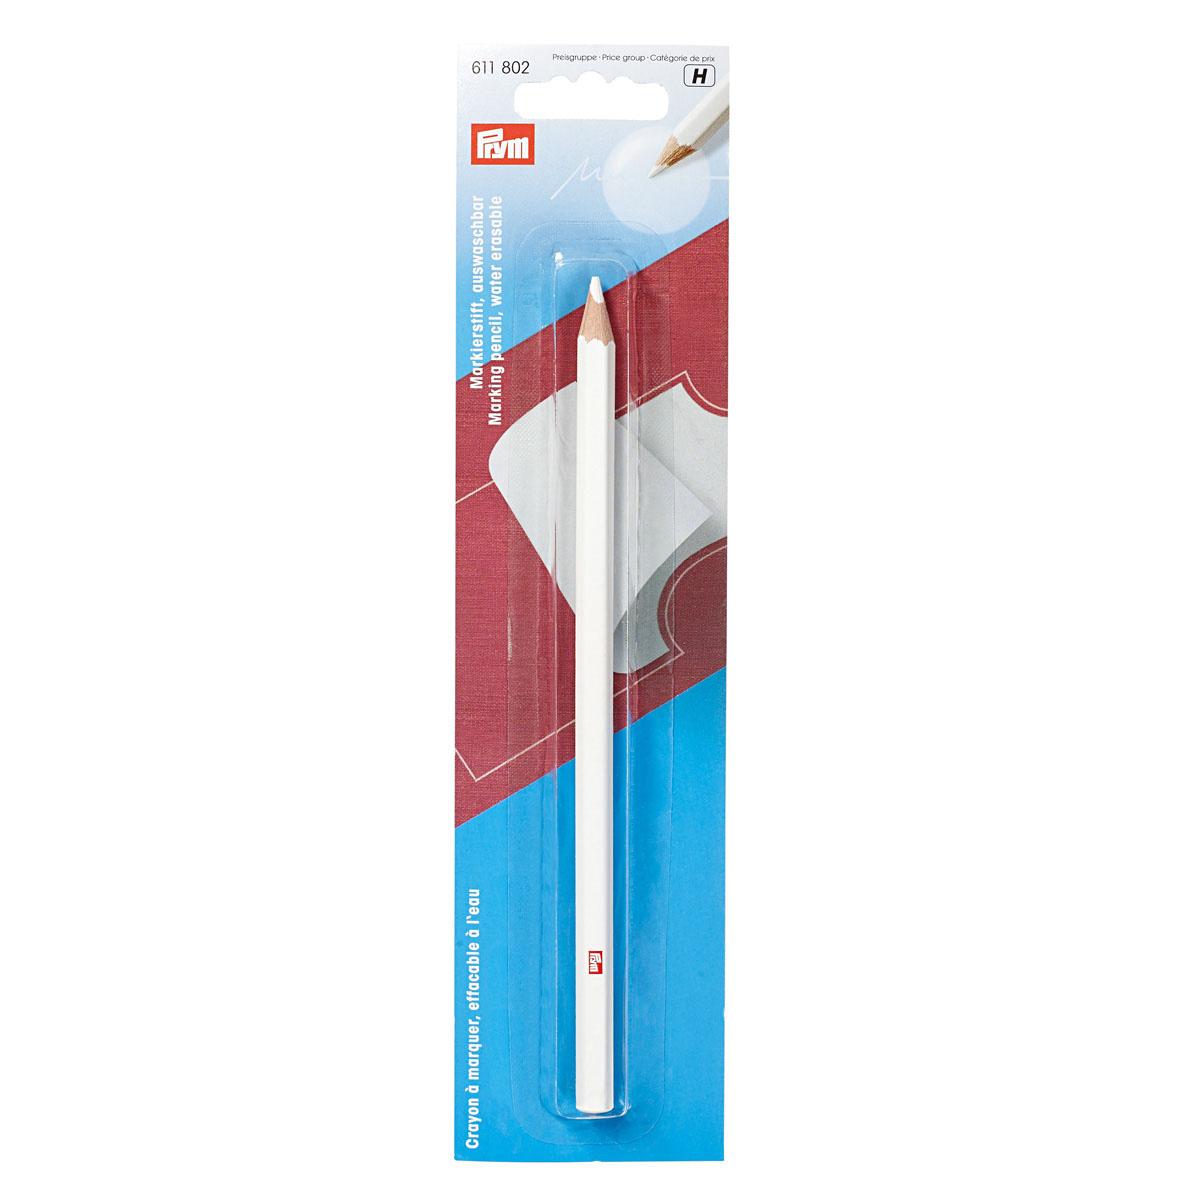 611802 Маркировочный карандаш, неводостойкий, белый цв. Prym